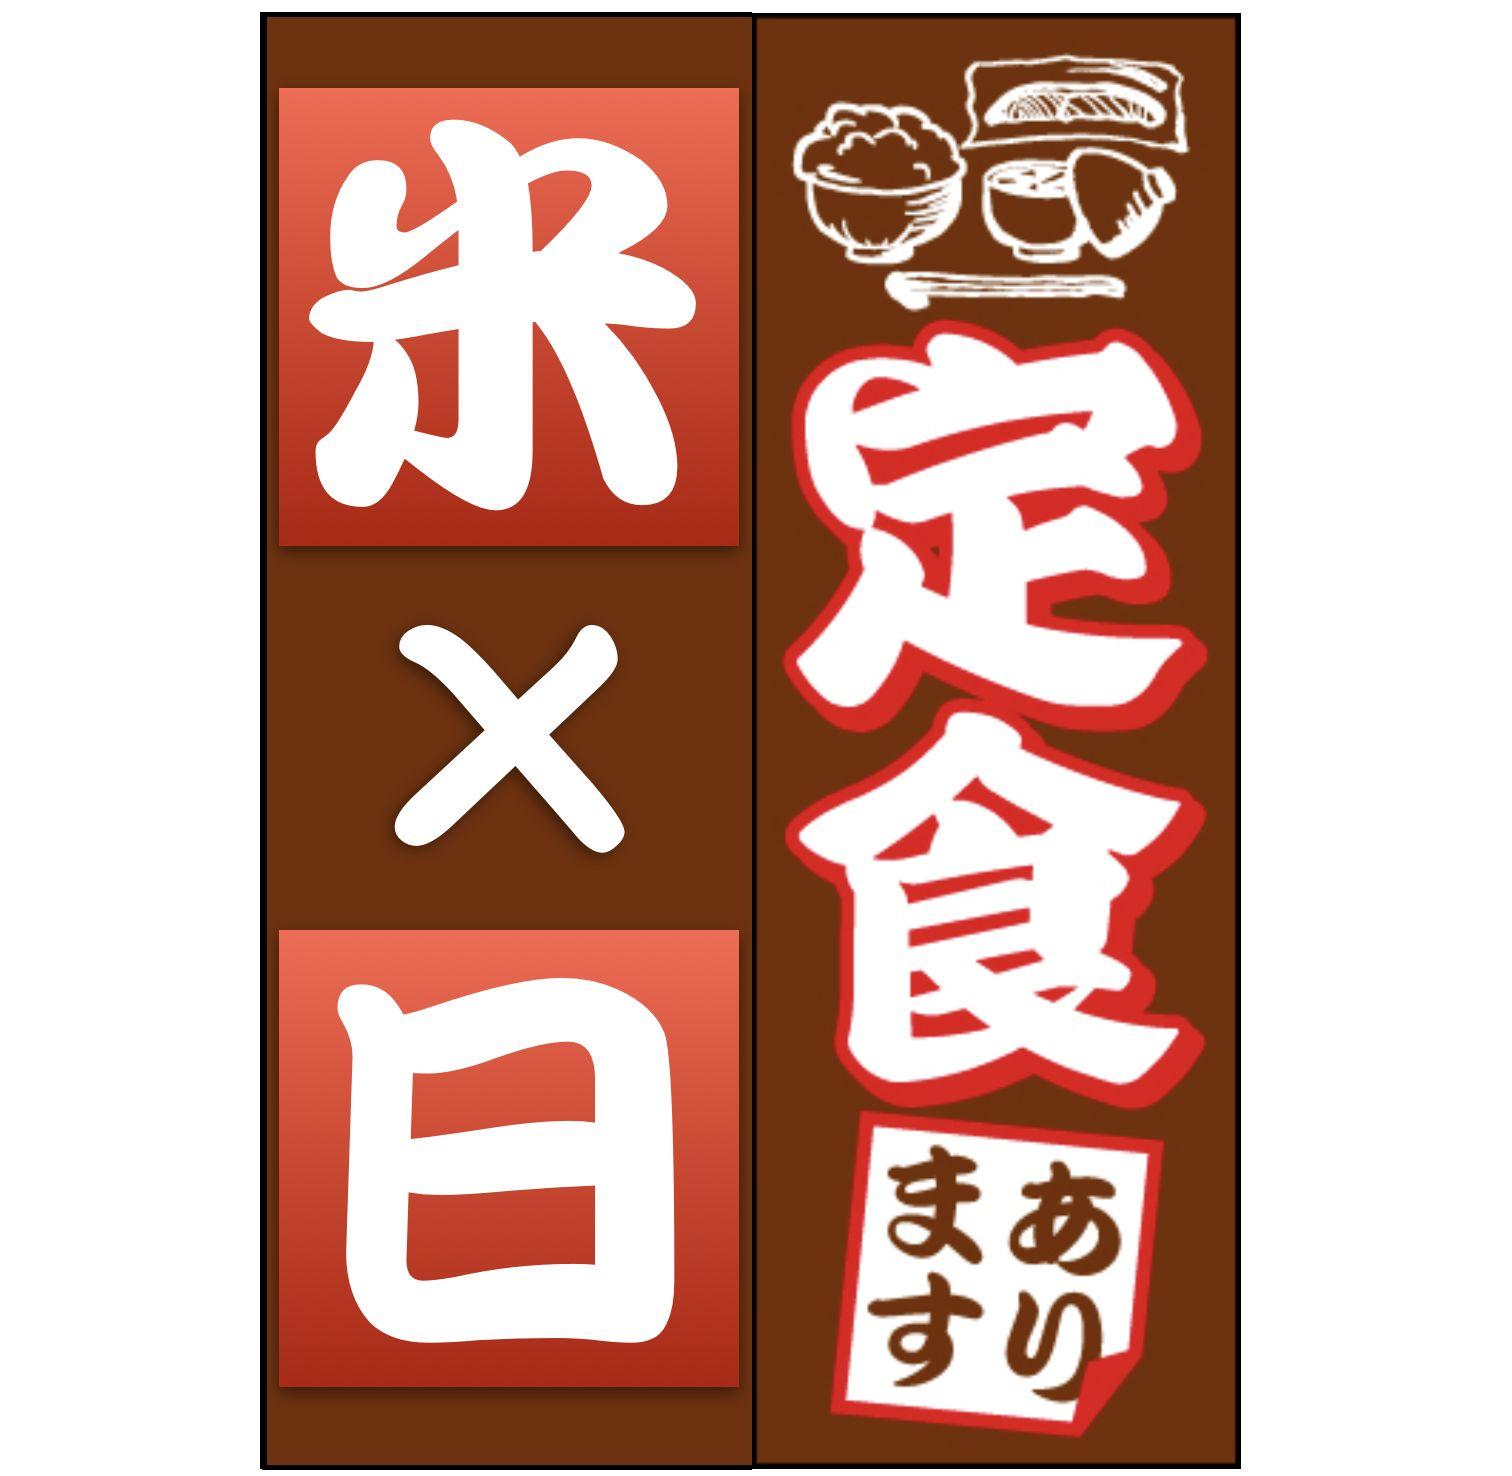 ドル円定食